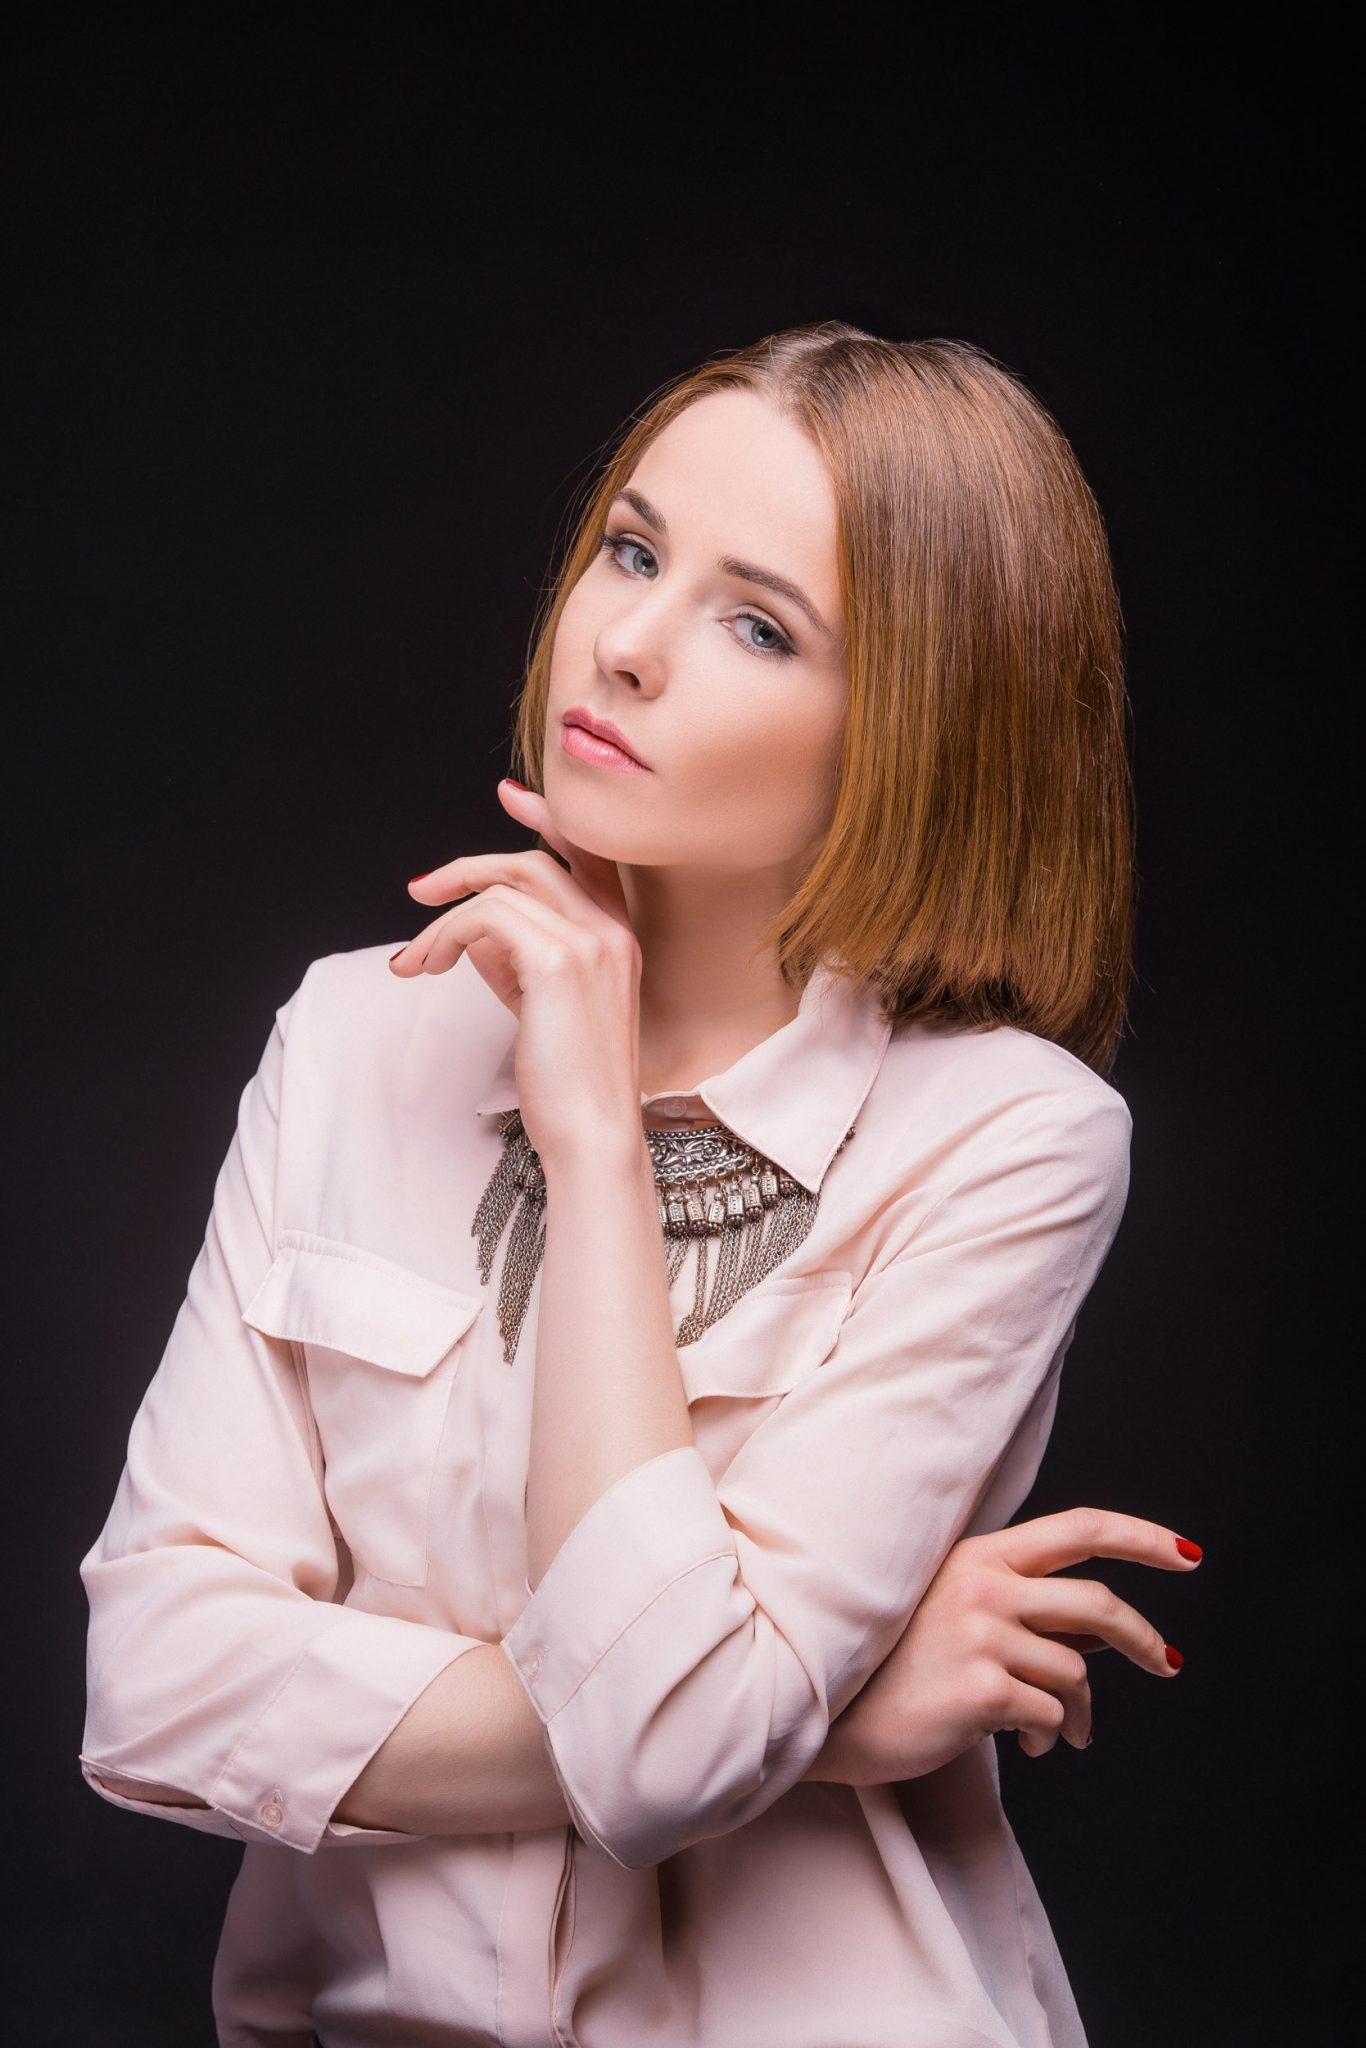 Нюдовый макияж, макияж киев 09